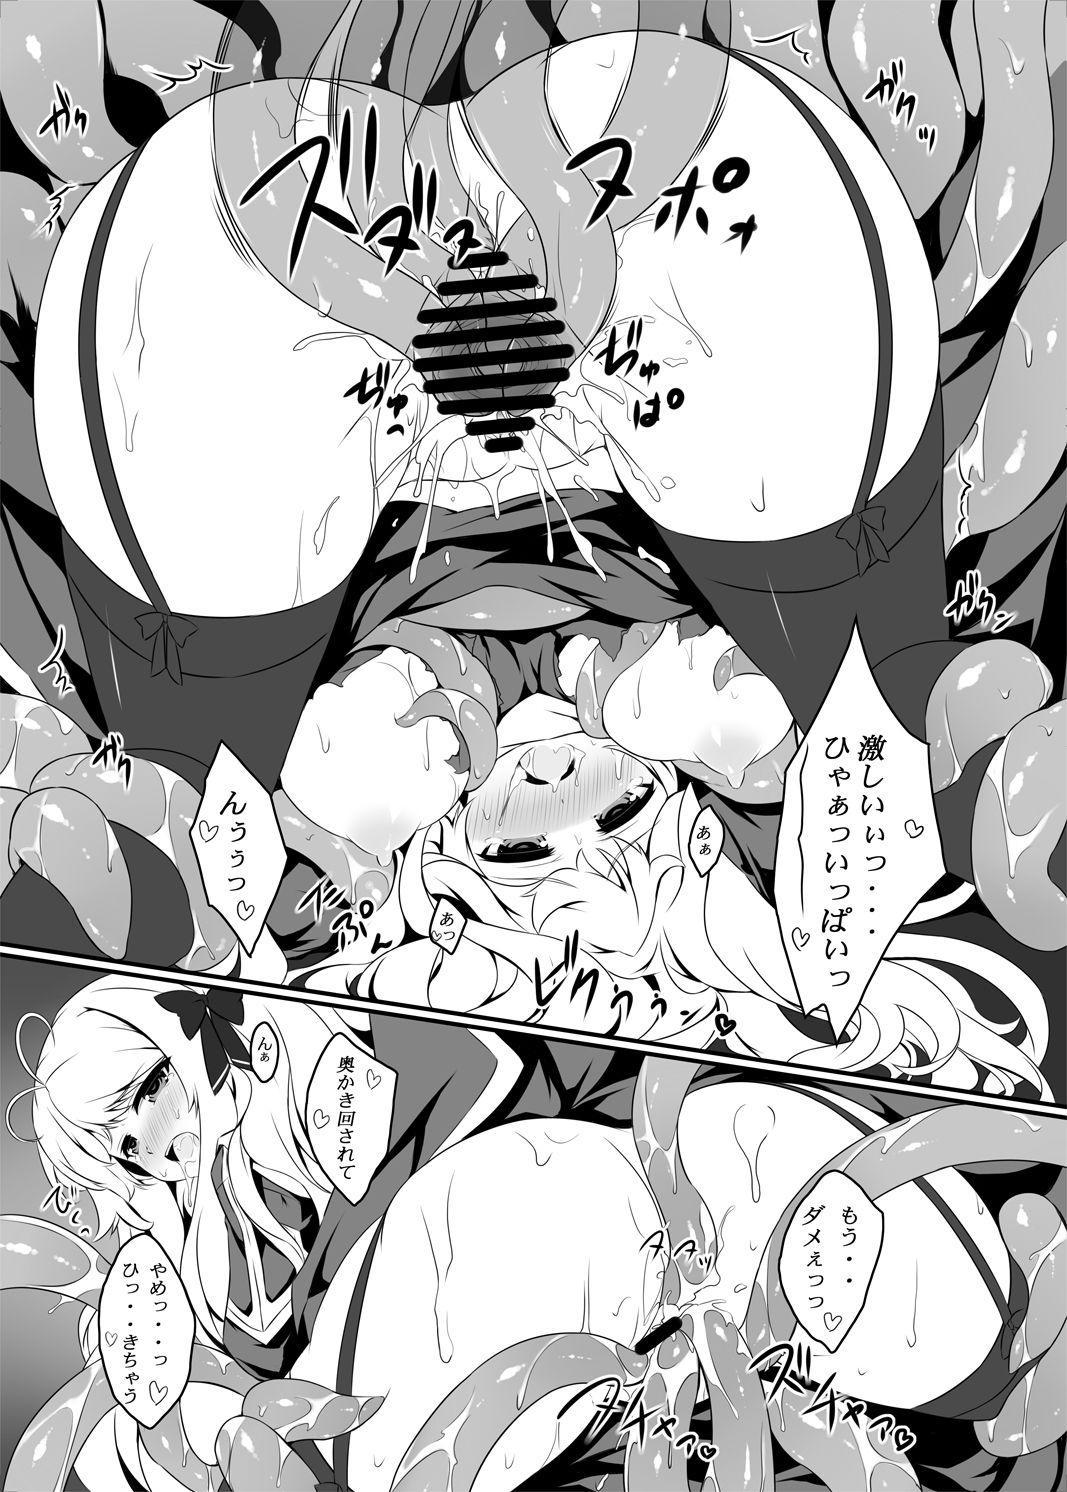 Himeko-chan no Seishokusha Jijou 12